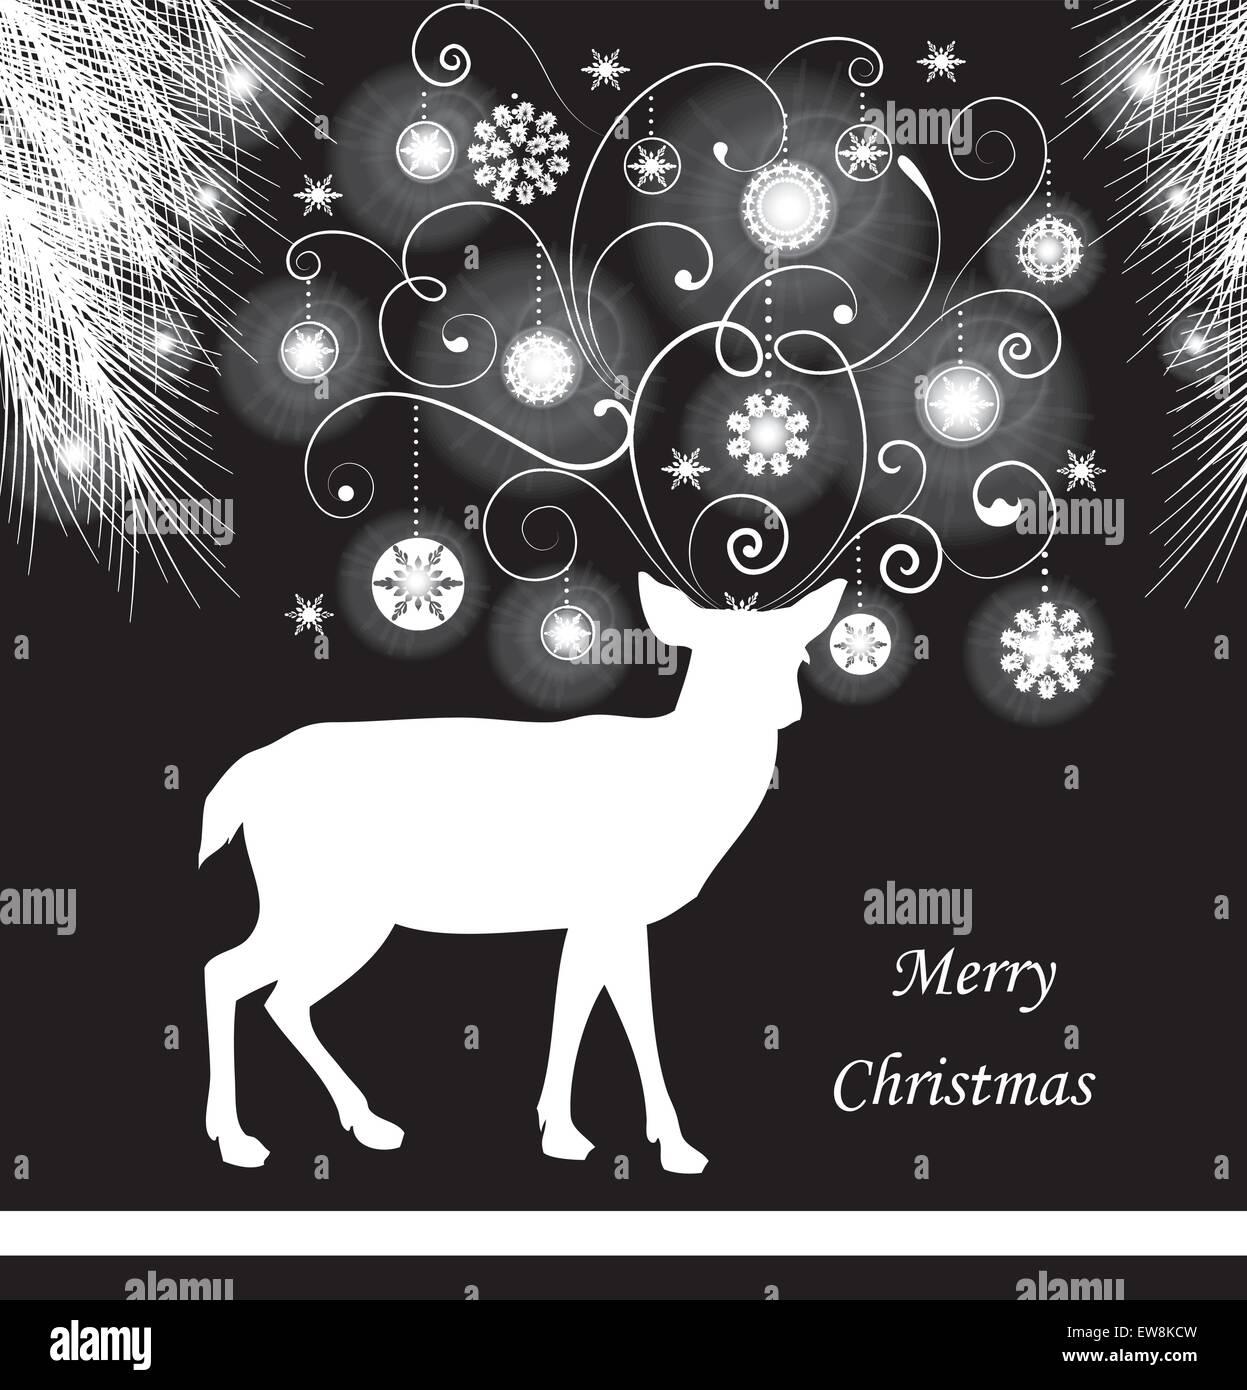 Carte De Noël Vintage Avec Un élégant Design Floral Abstrait